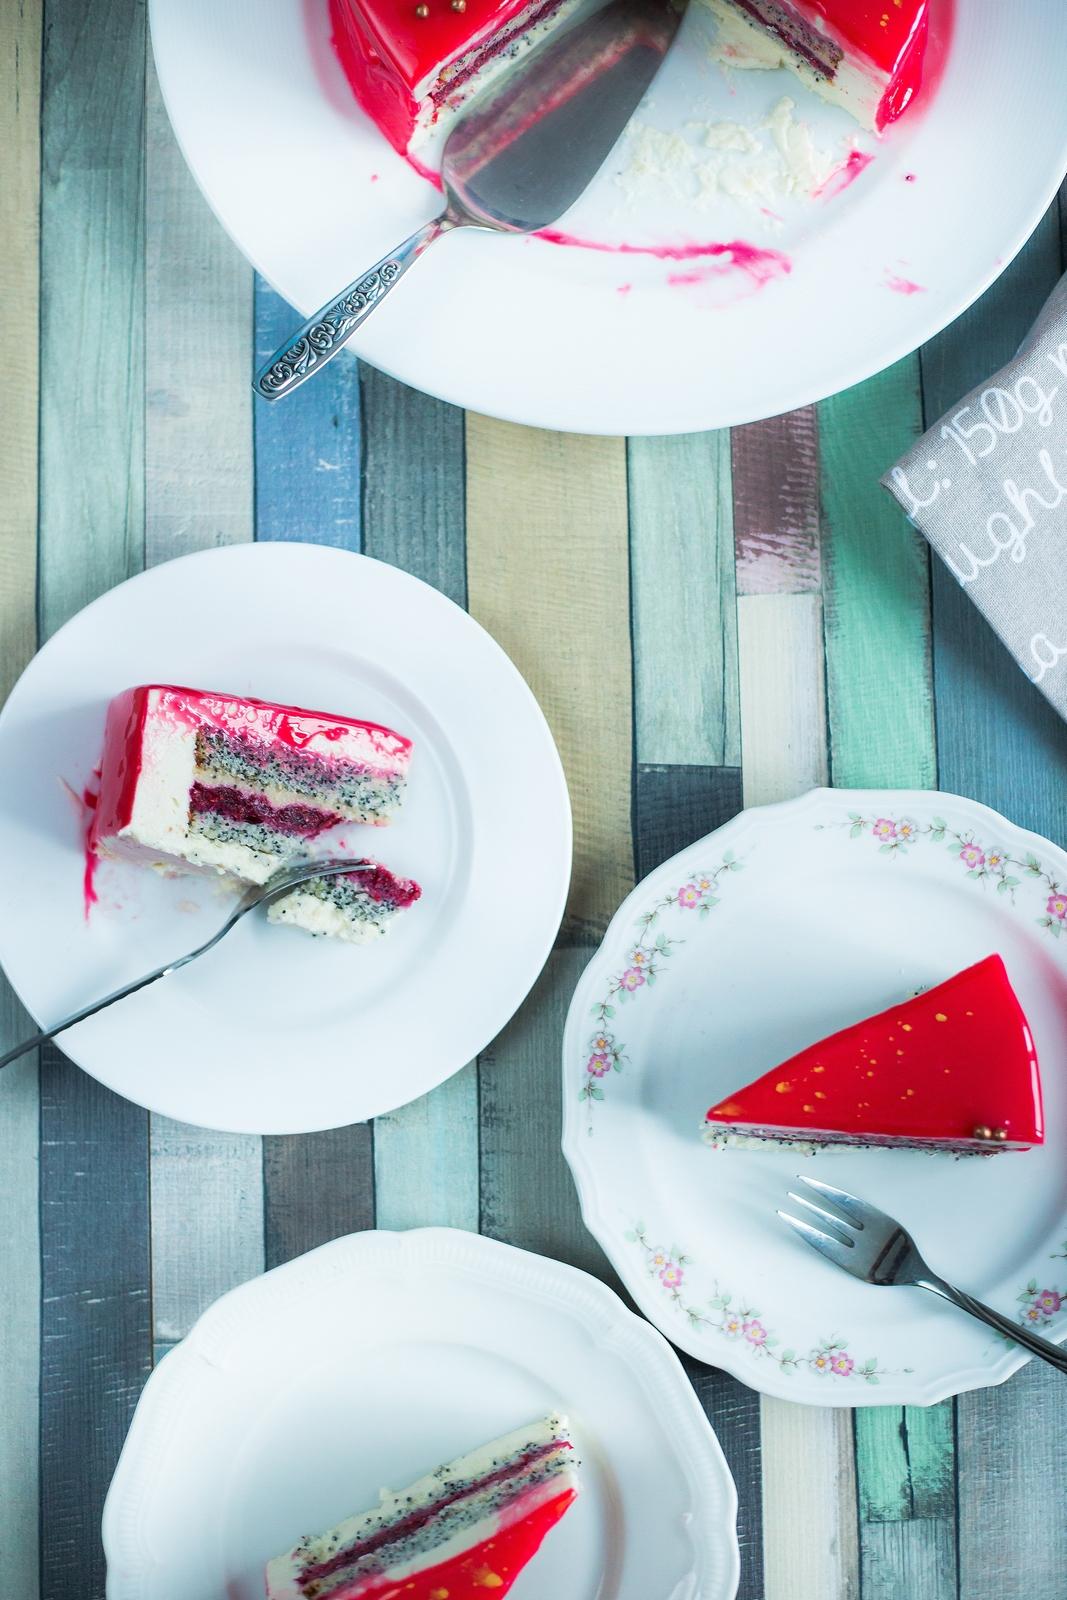 Tort cu mac, lămâie, zmeură și ciocolată albă